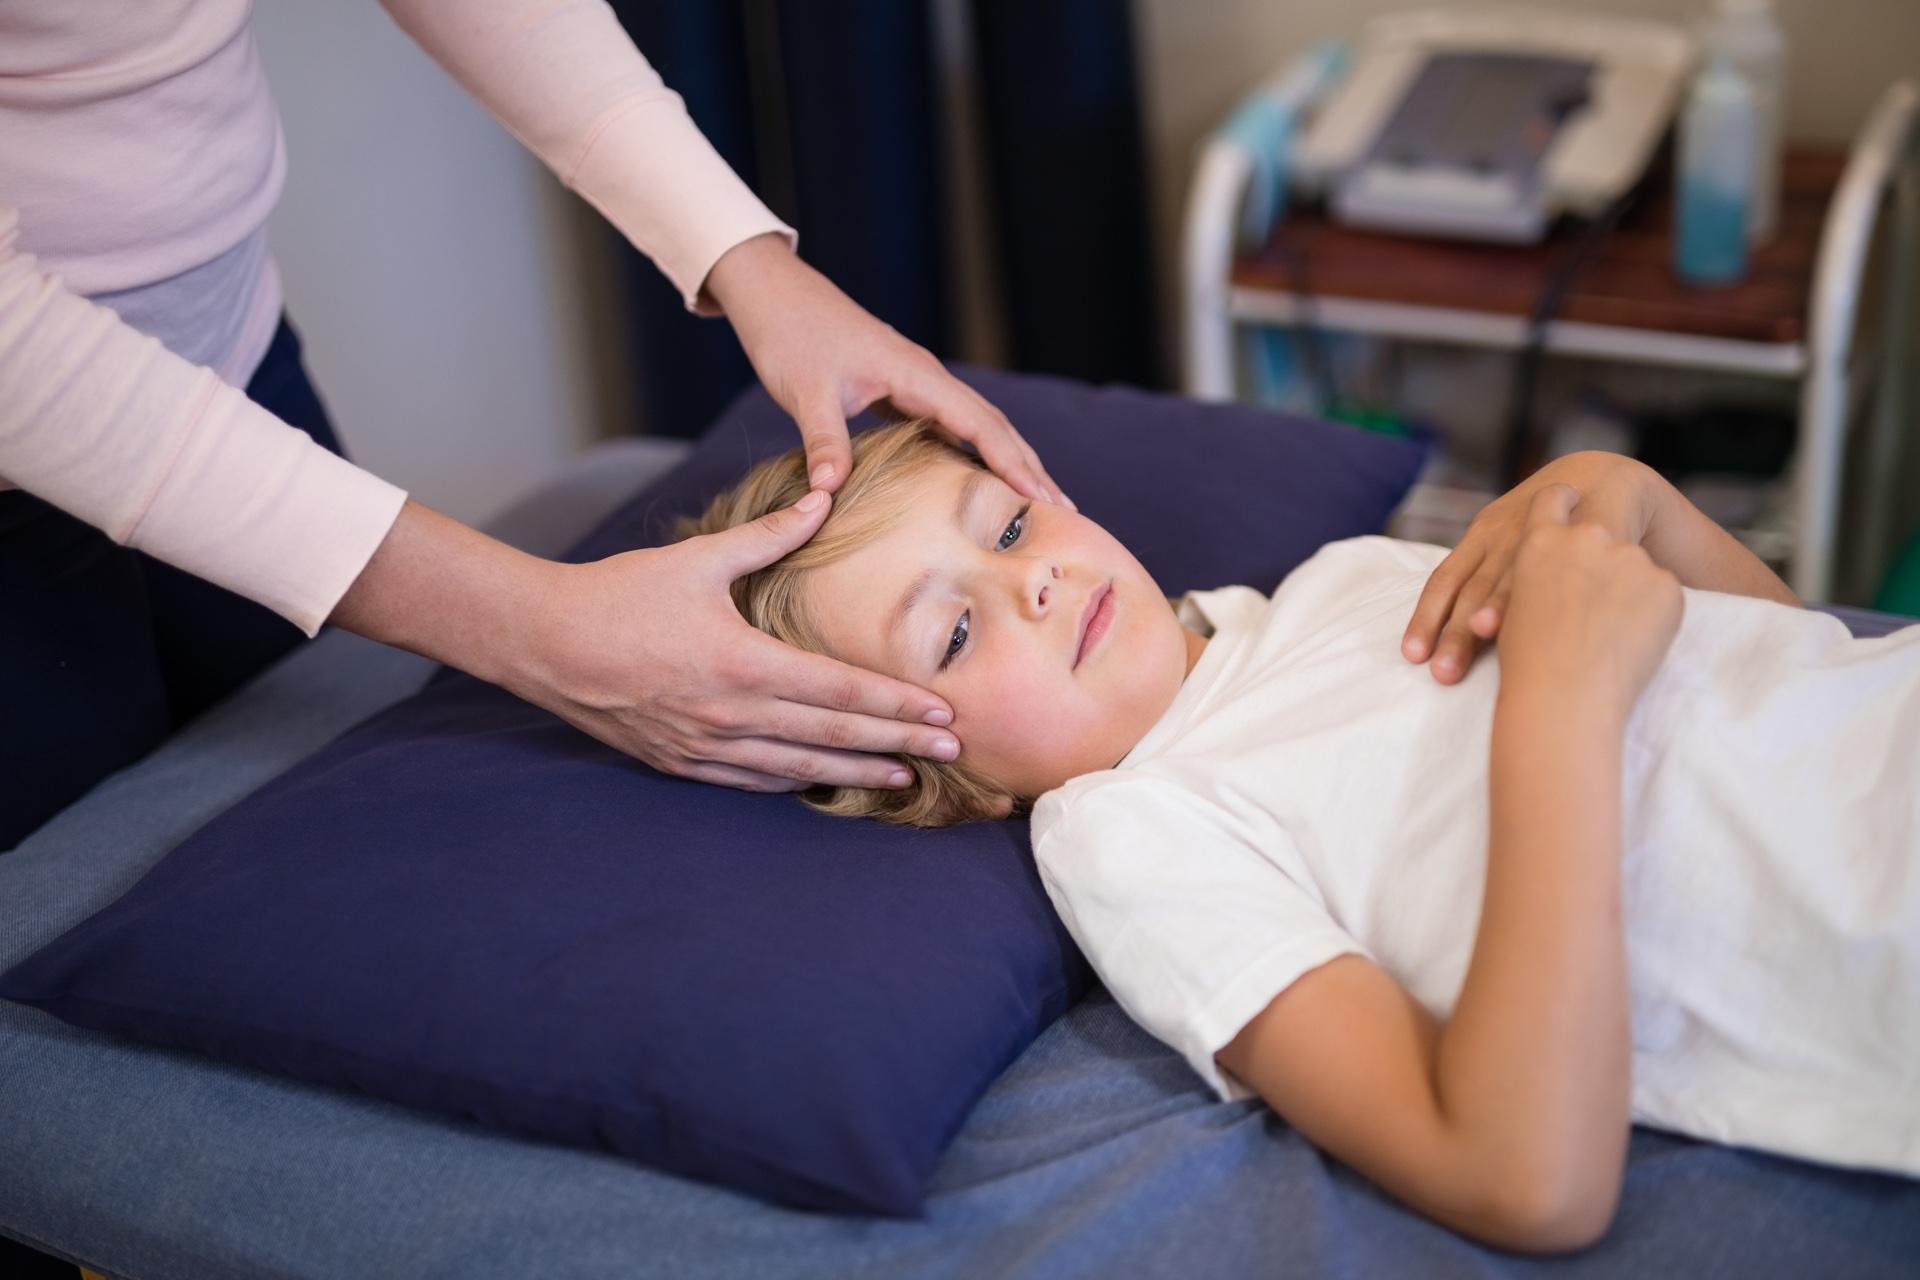 Fisioterapia En Majadahonda |La Clínica De Fisioterapia Mejor Valorada